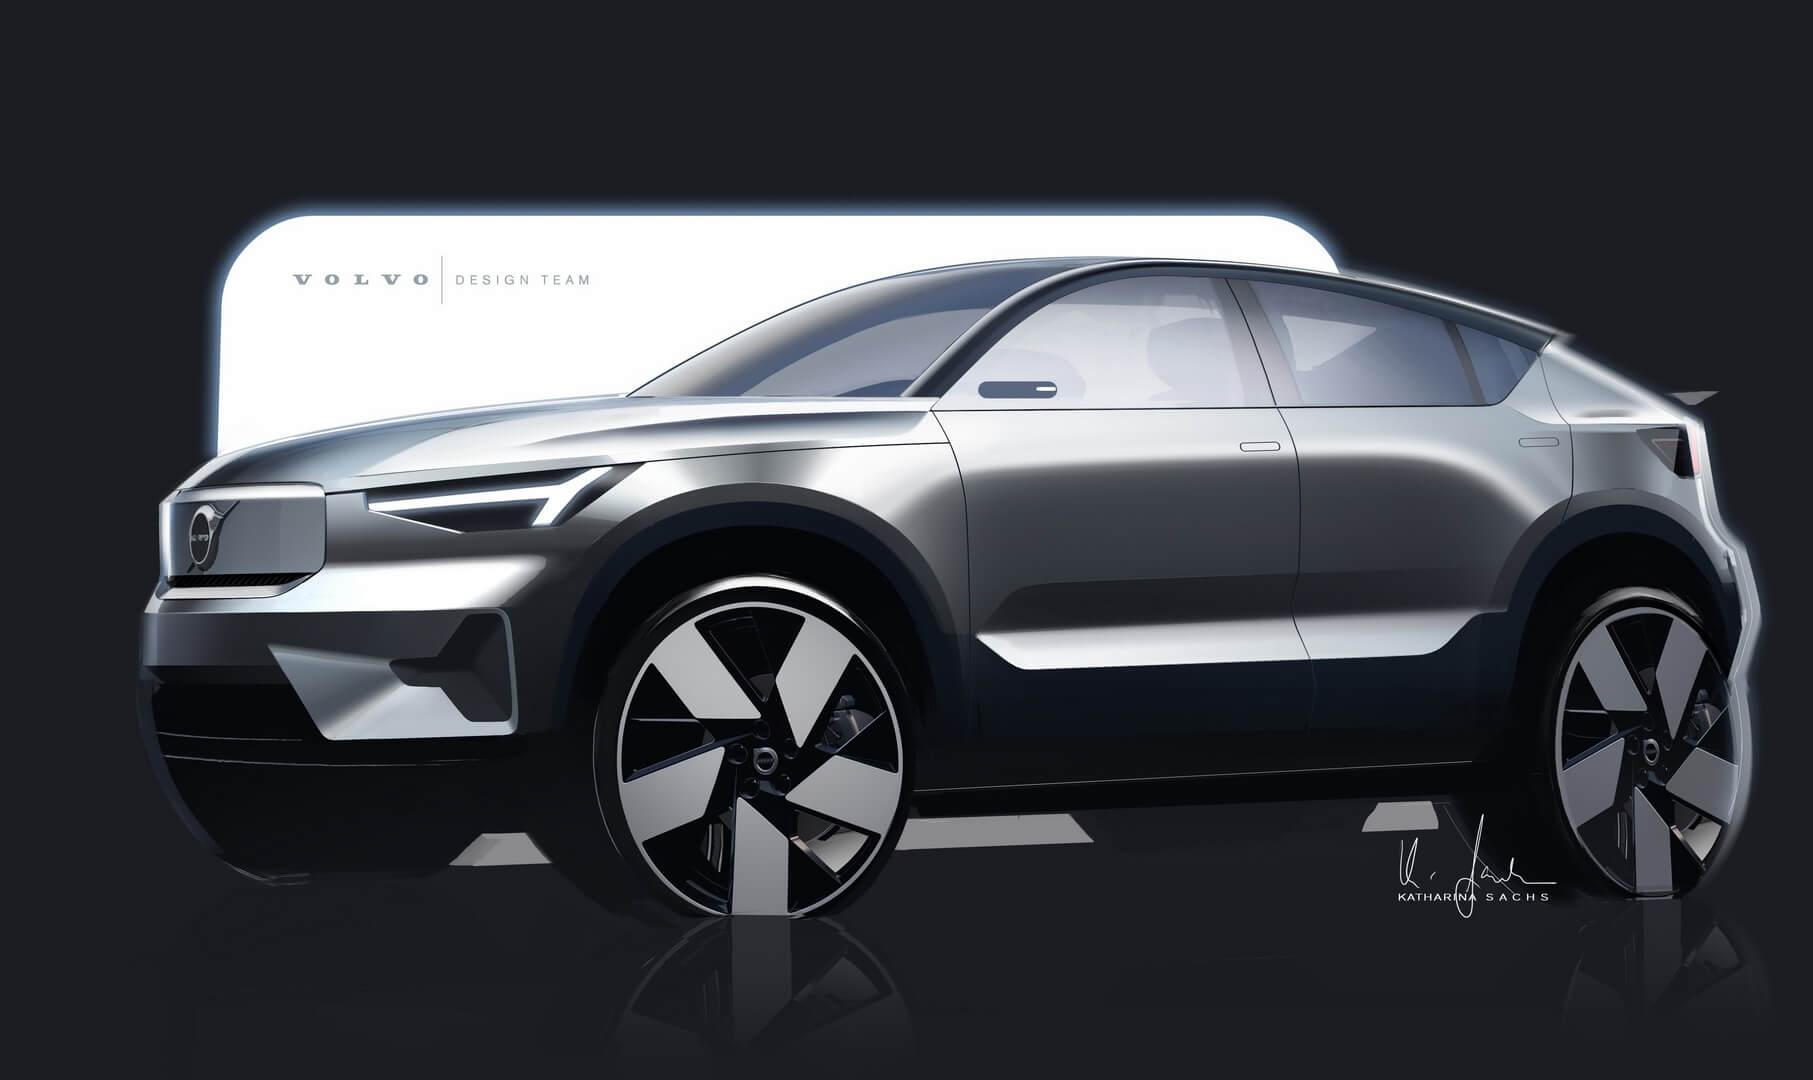 Эскиз дизайна электрического кроссовера Volvo C40 Recharge